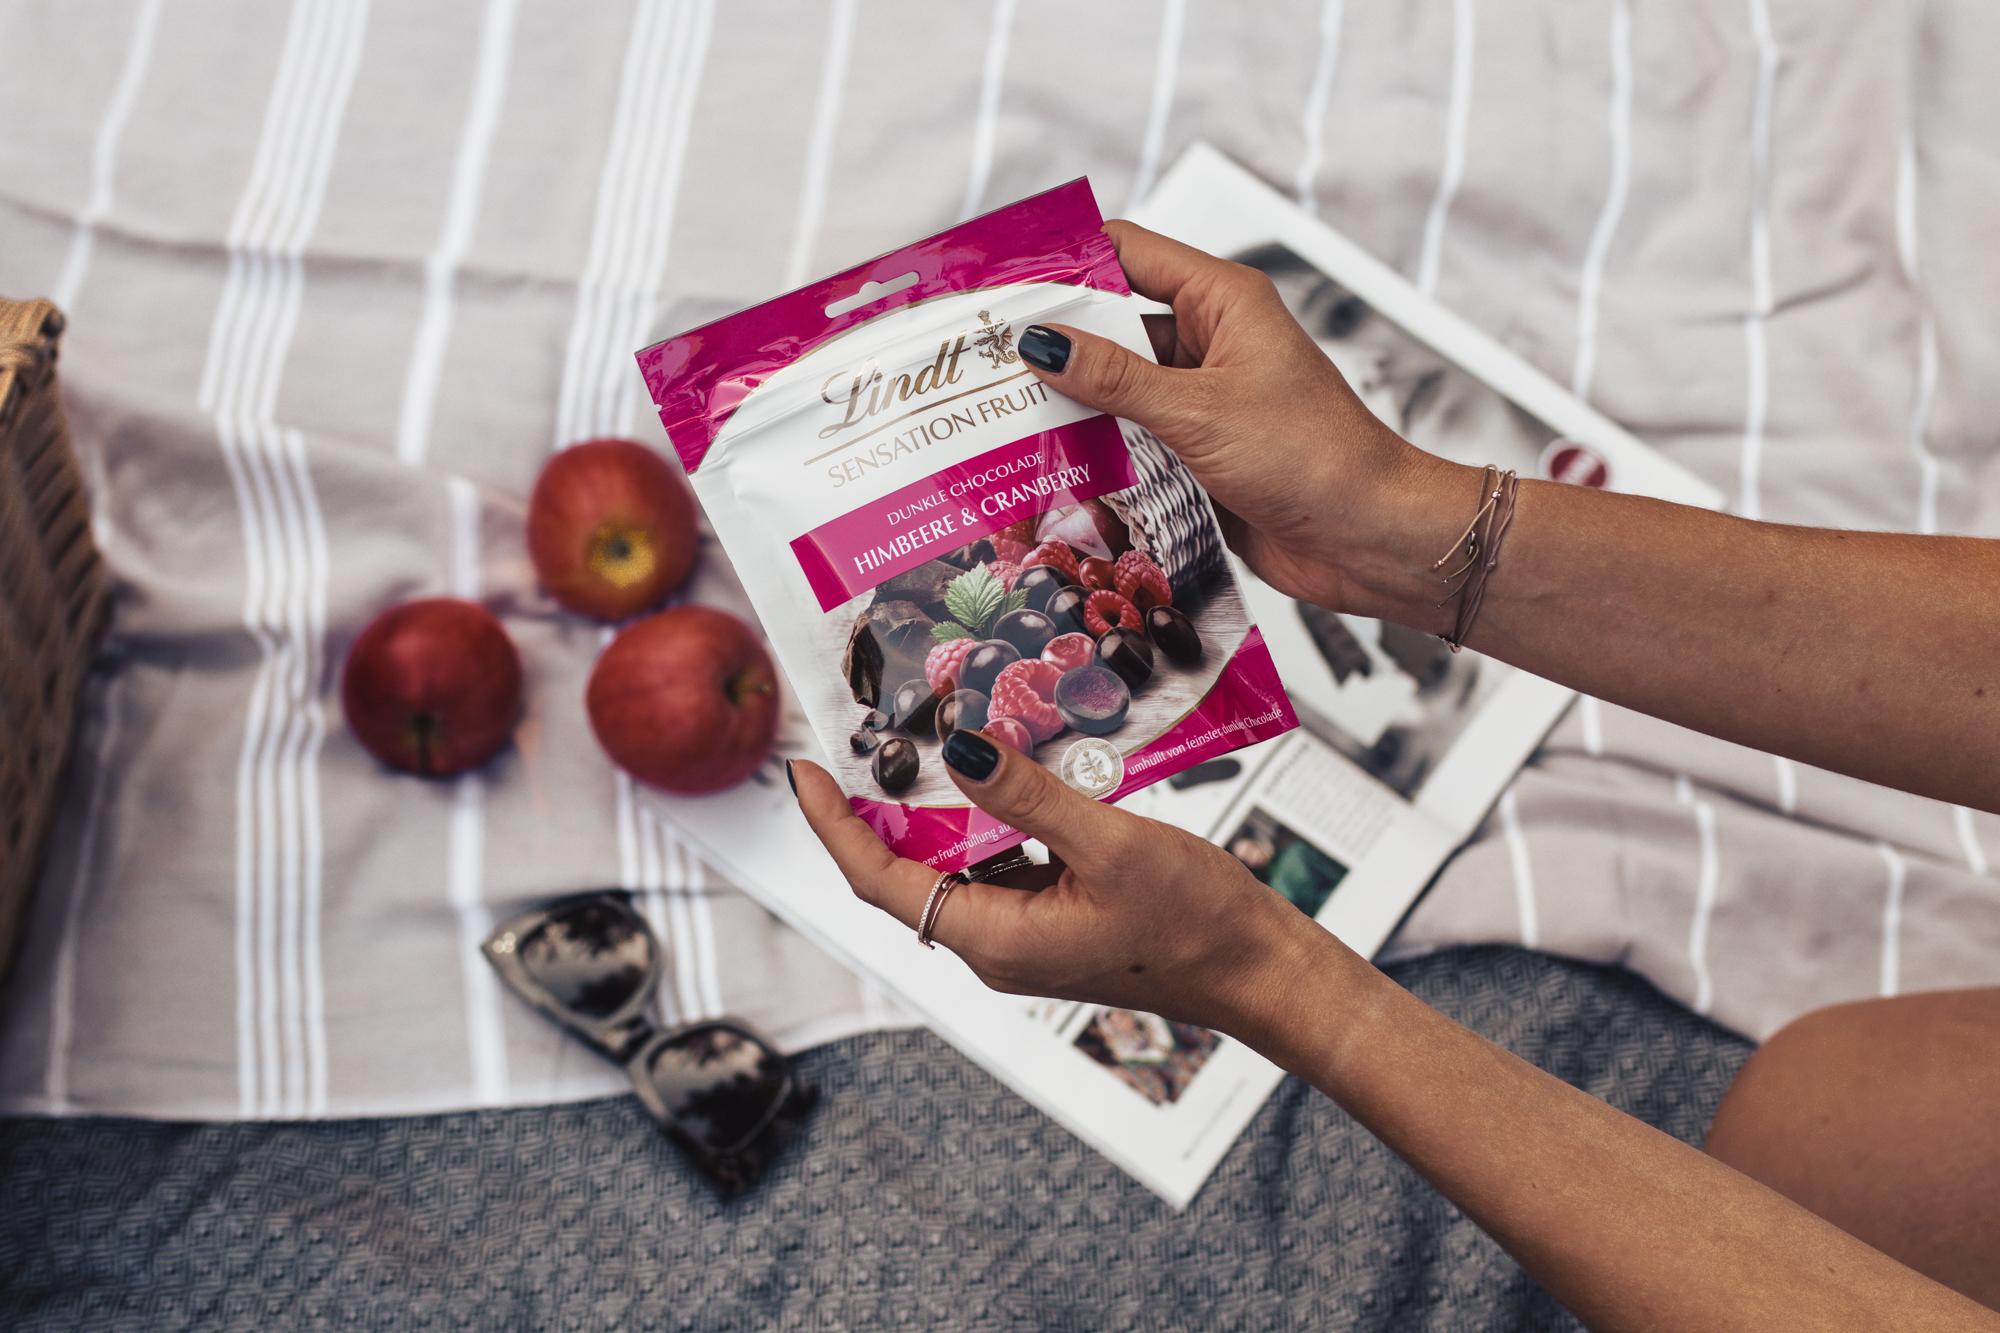 5 Dinge, die glücklich machen mit Lindt Sensation Fruit auf dem österreichsichen Lifestyle Blog Bits and Bobs by Eva. Mehr auf www.bitsandbobsbyeva.com